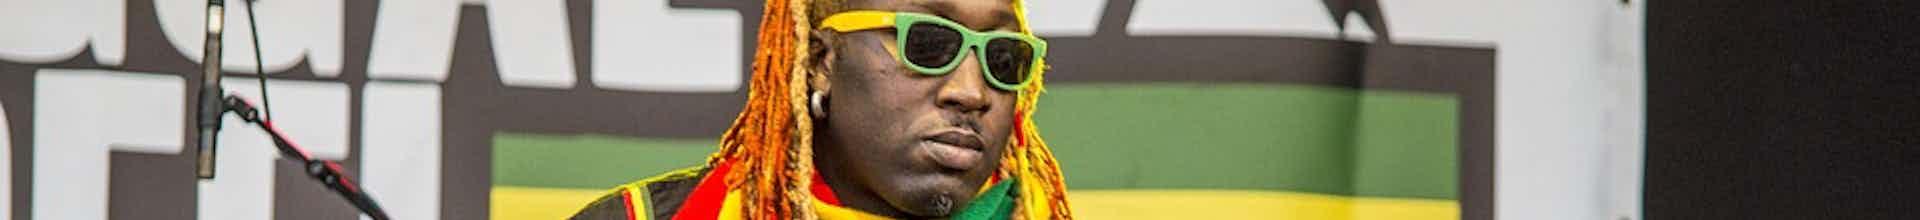 Reggae music.jpg